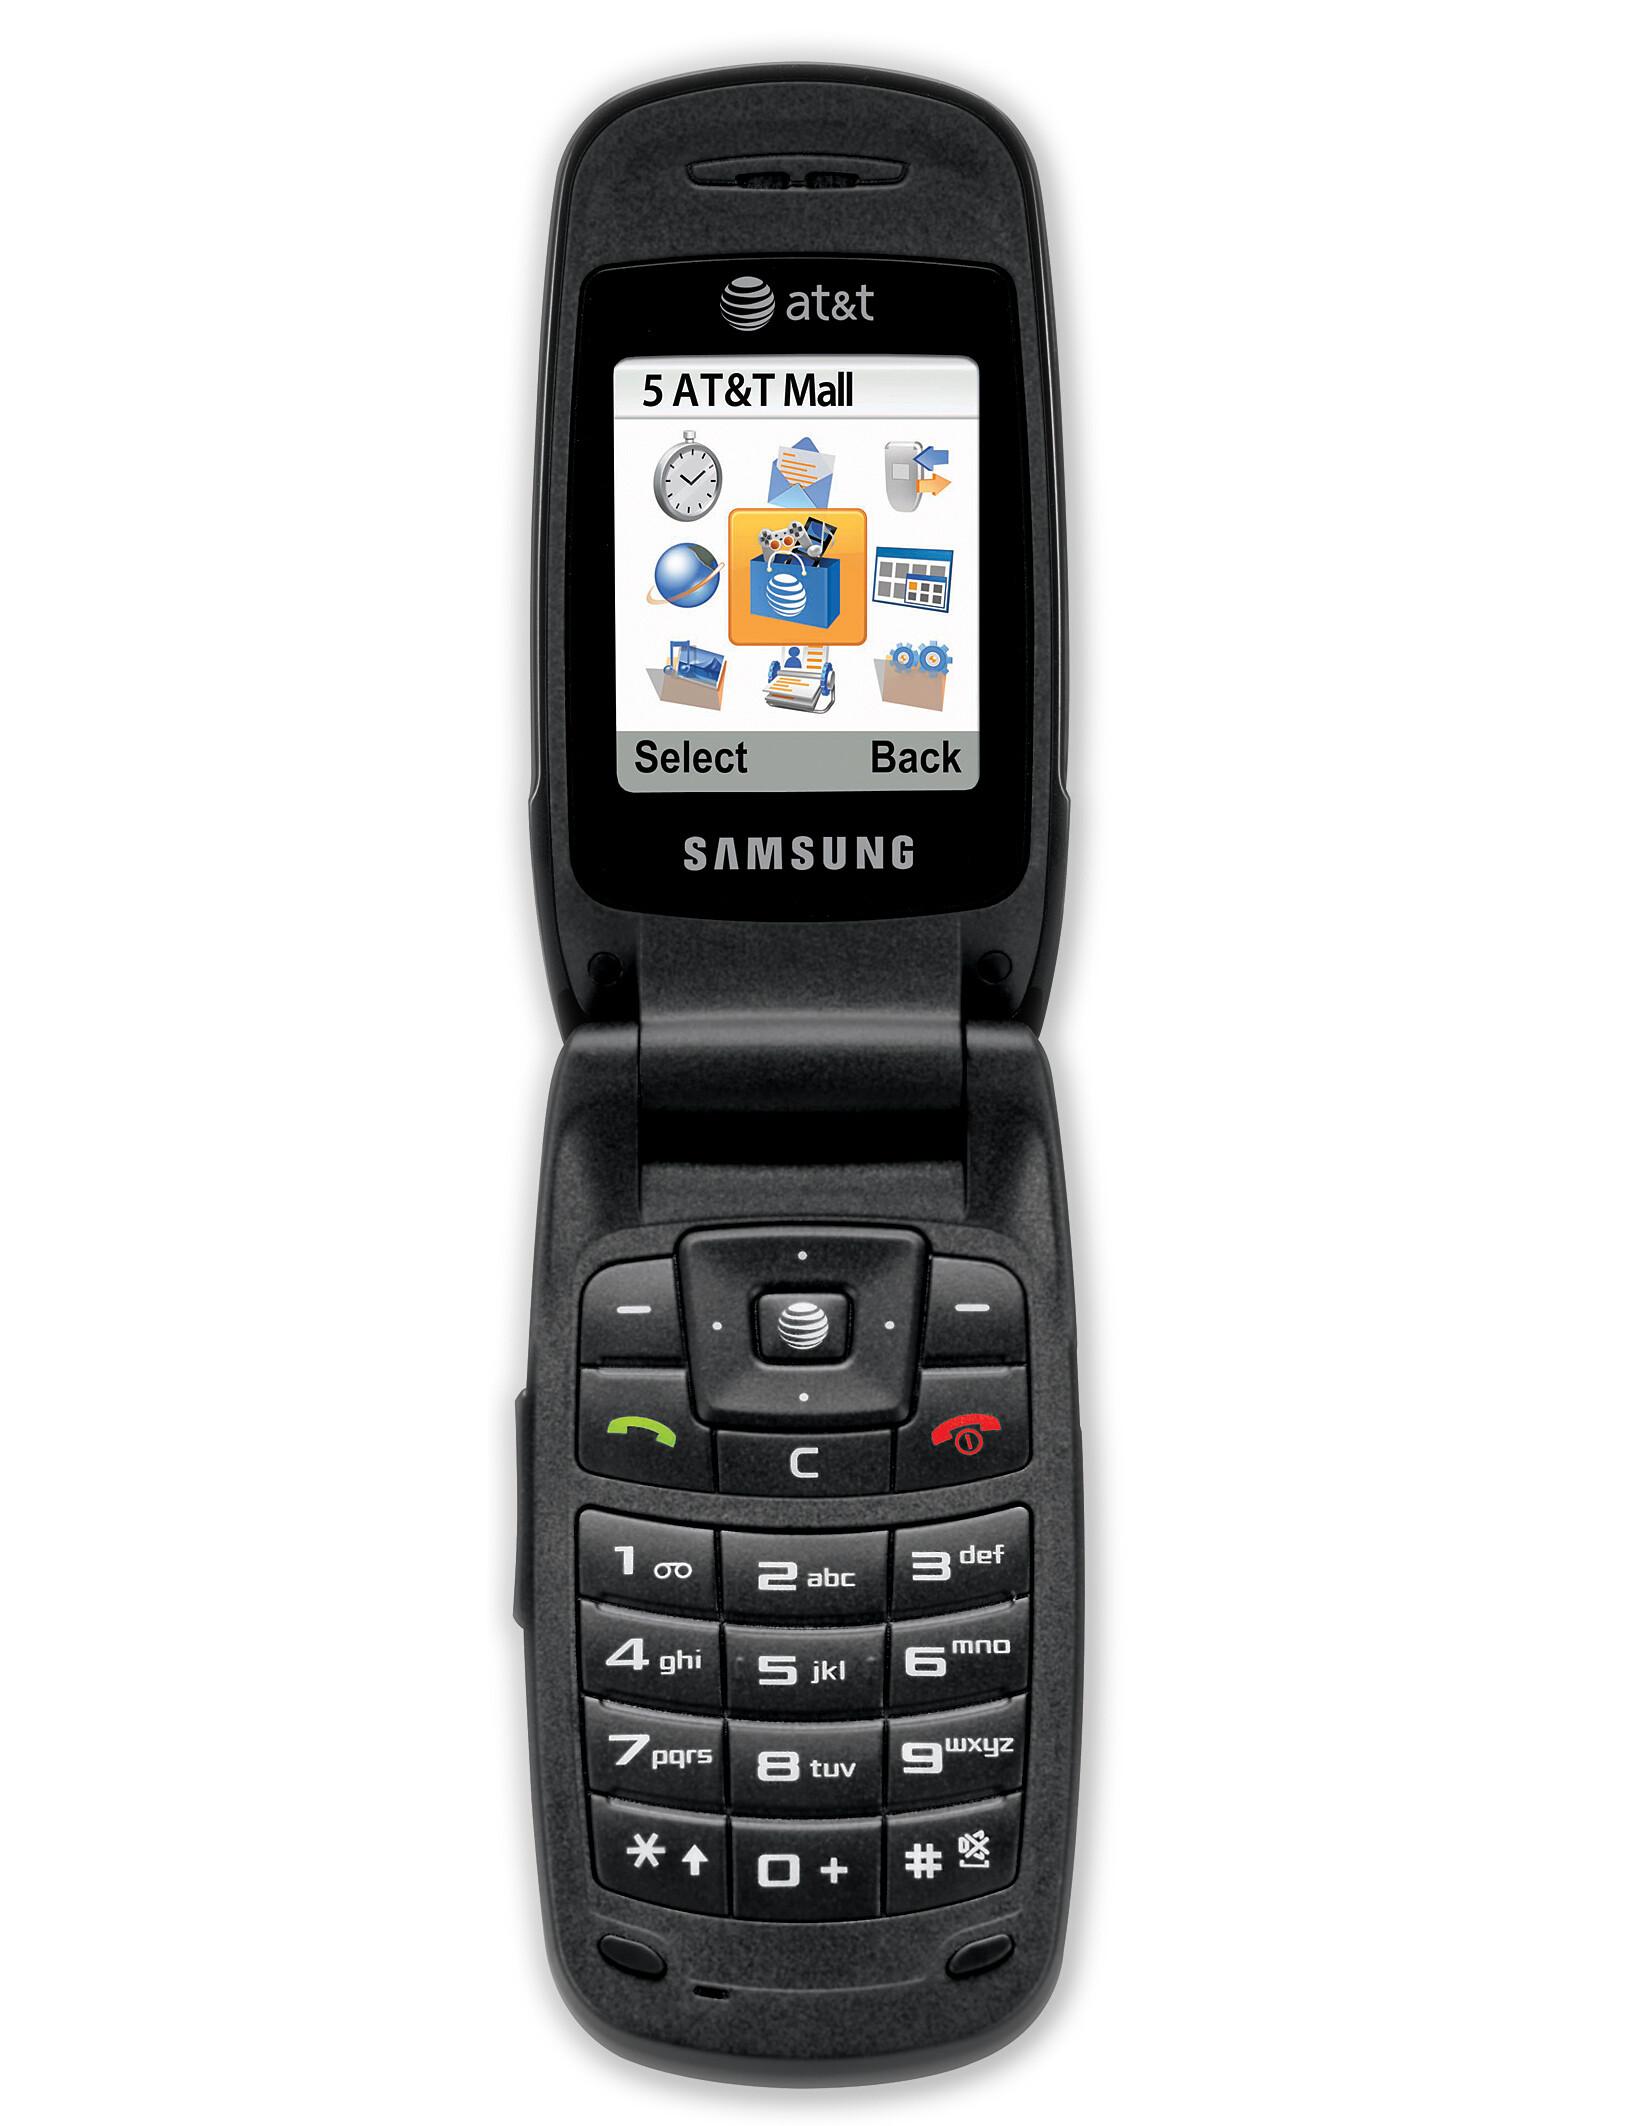 Samsung Sgh A117 Specs